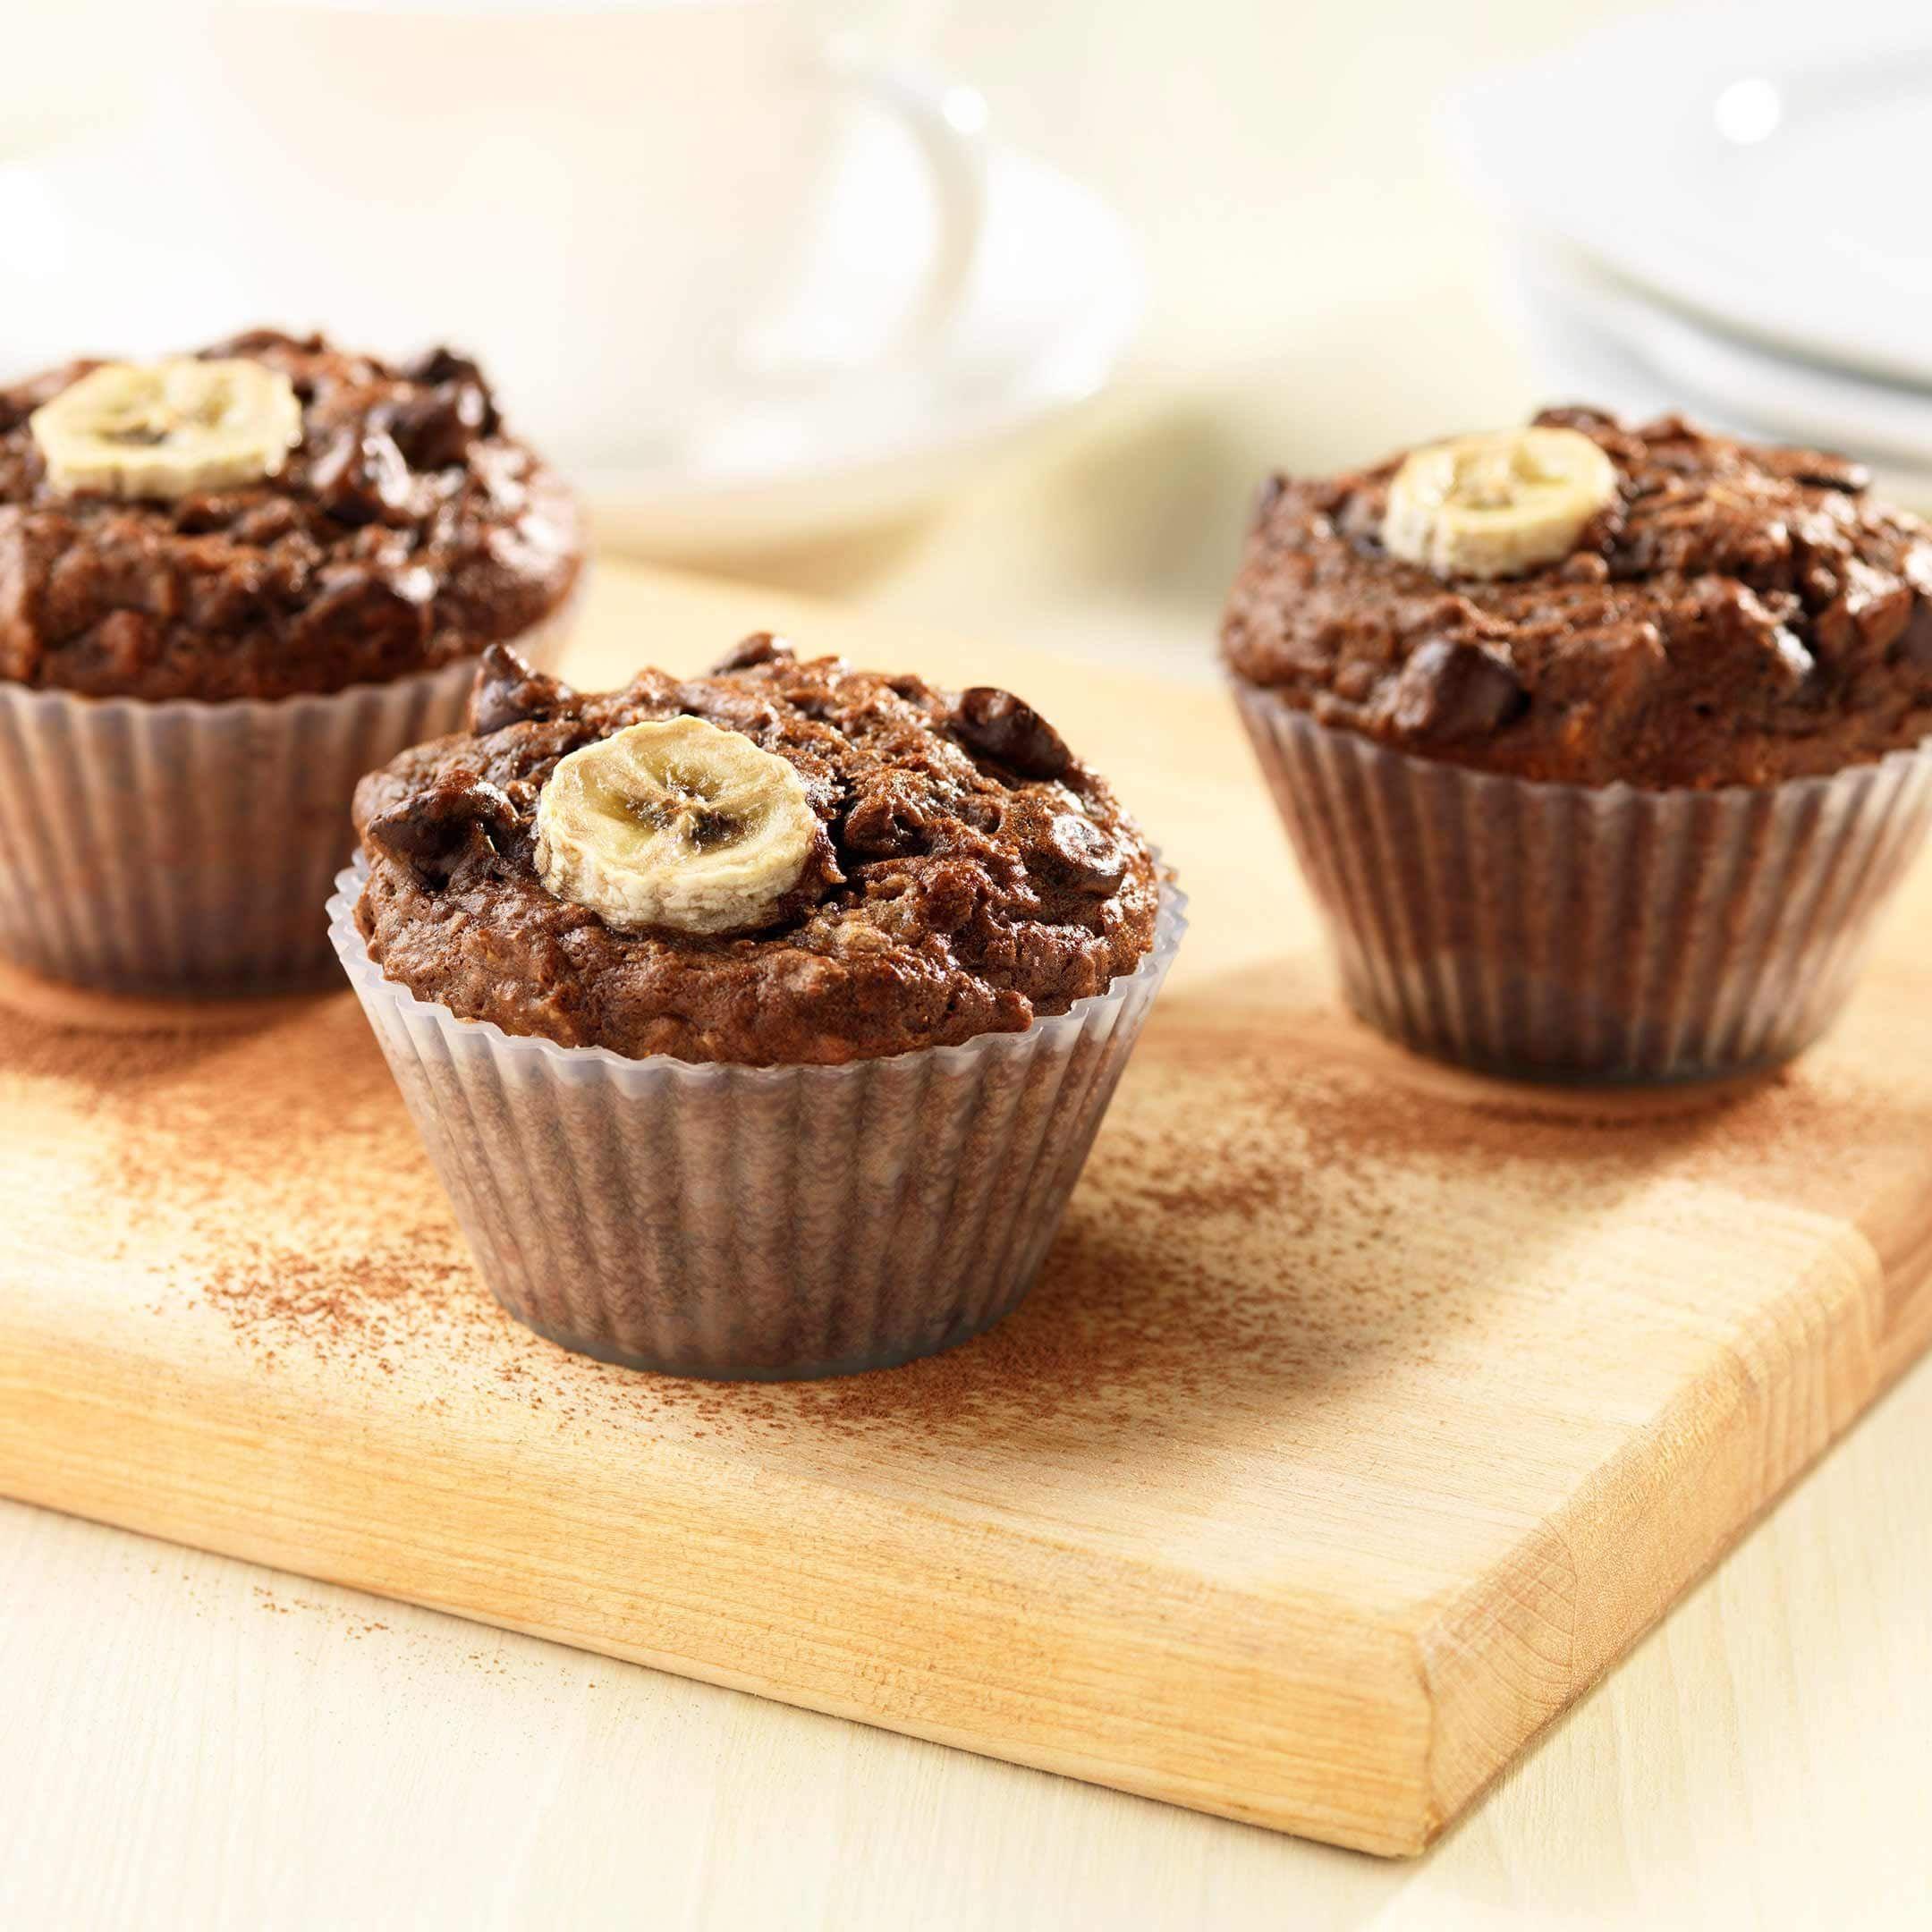 Muffins son, banane et cacao | Recette | Recette, Recette banane, Cuisson